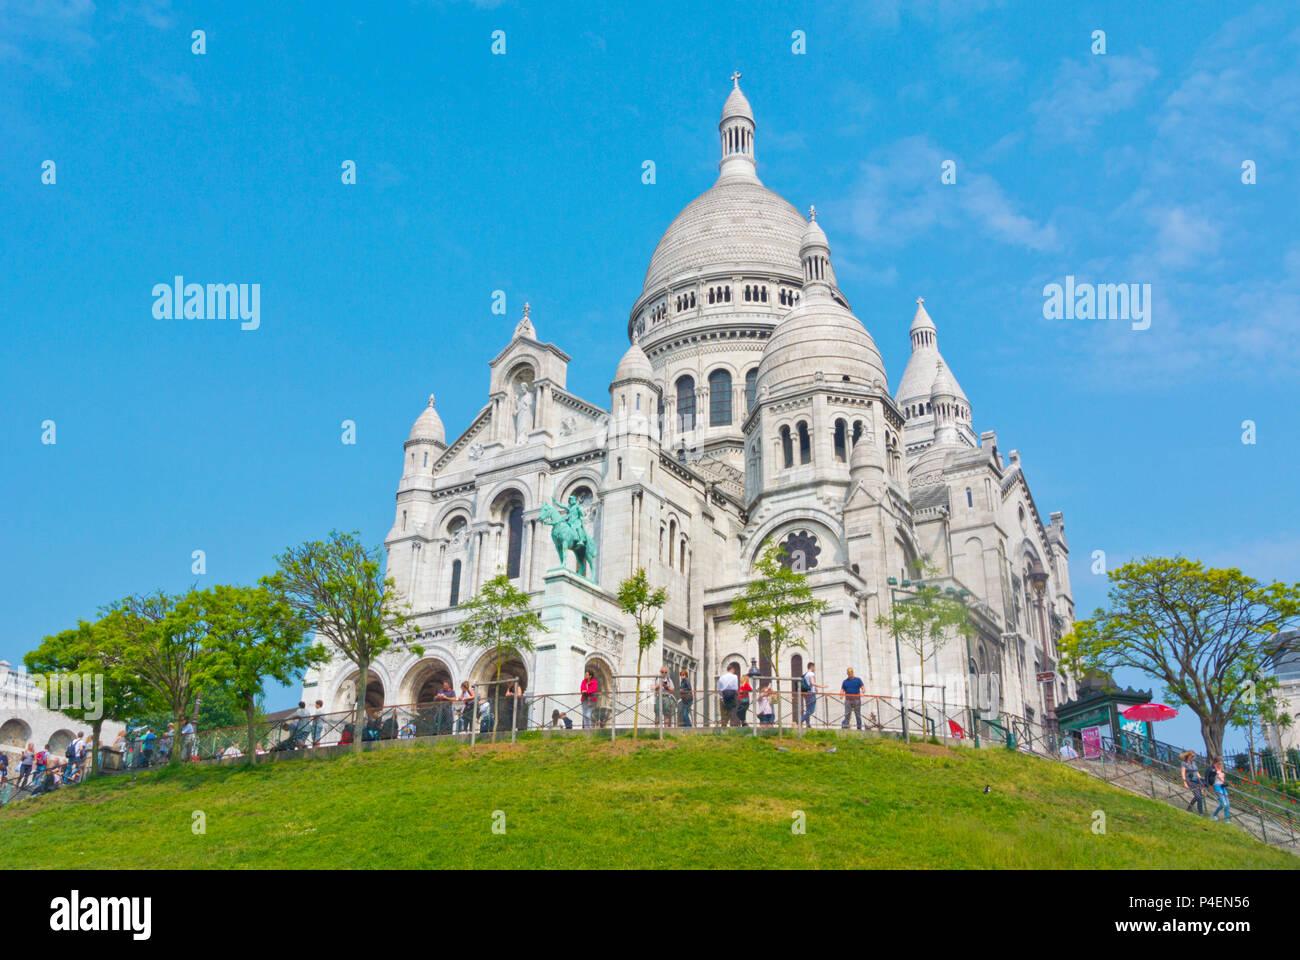 Basílica de Sacre Cœur, Montmartre, Paris, France - Stock Image